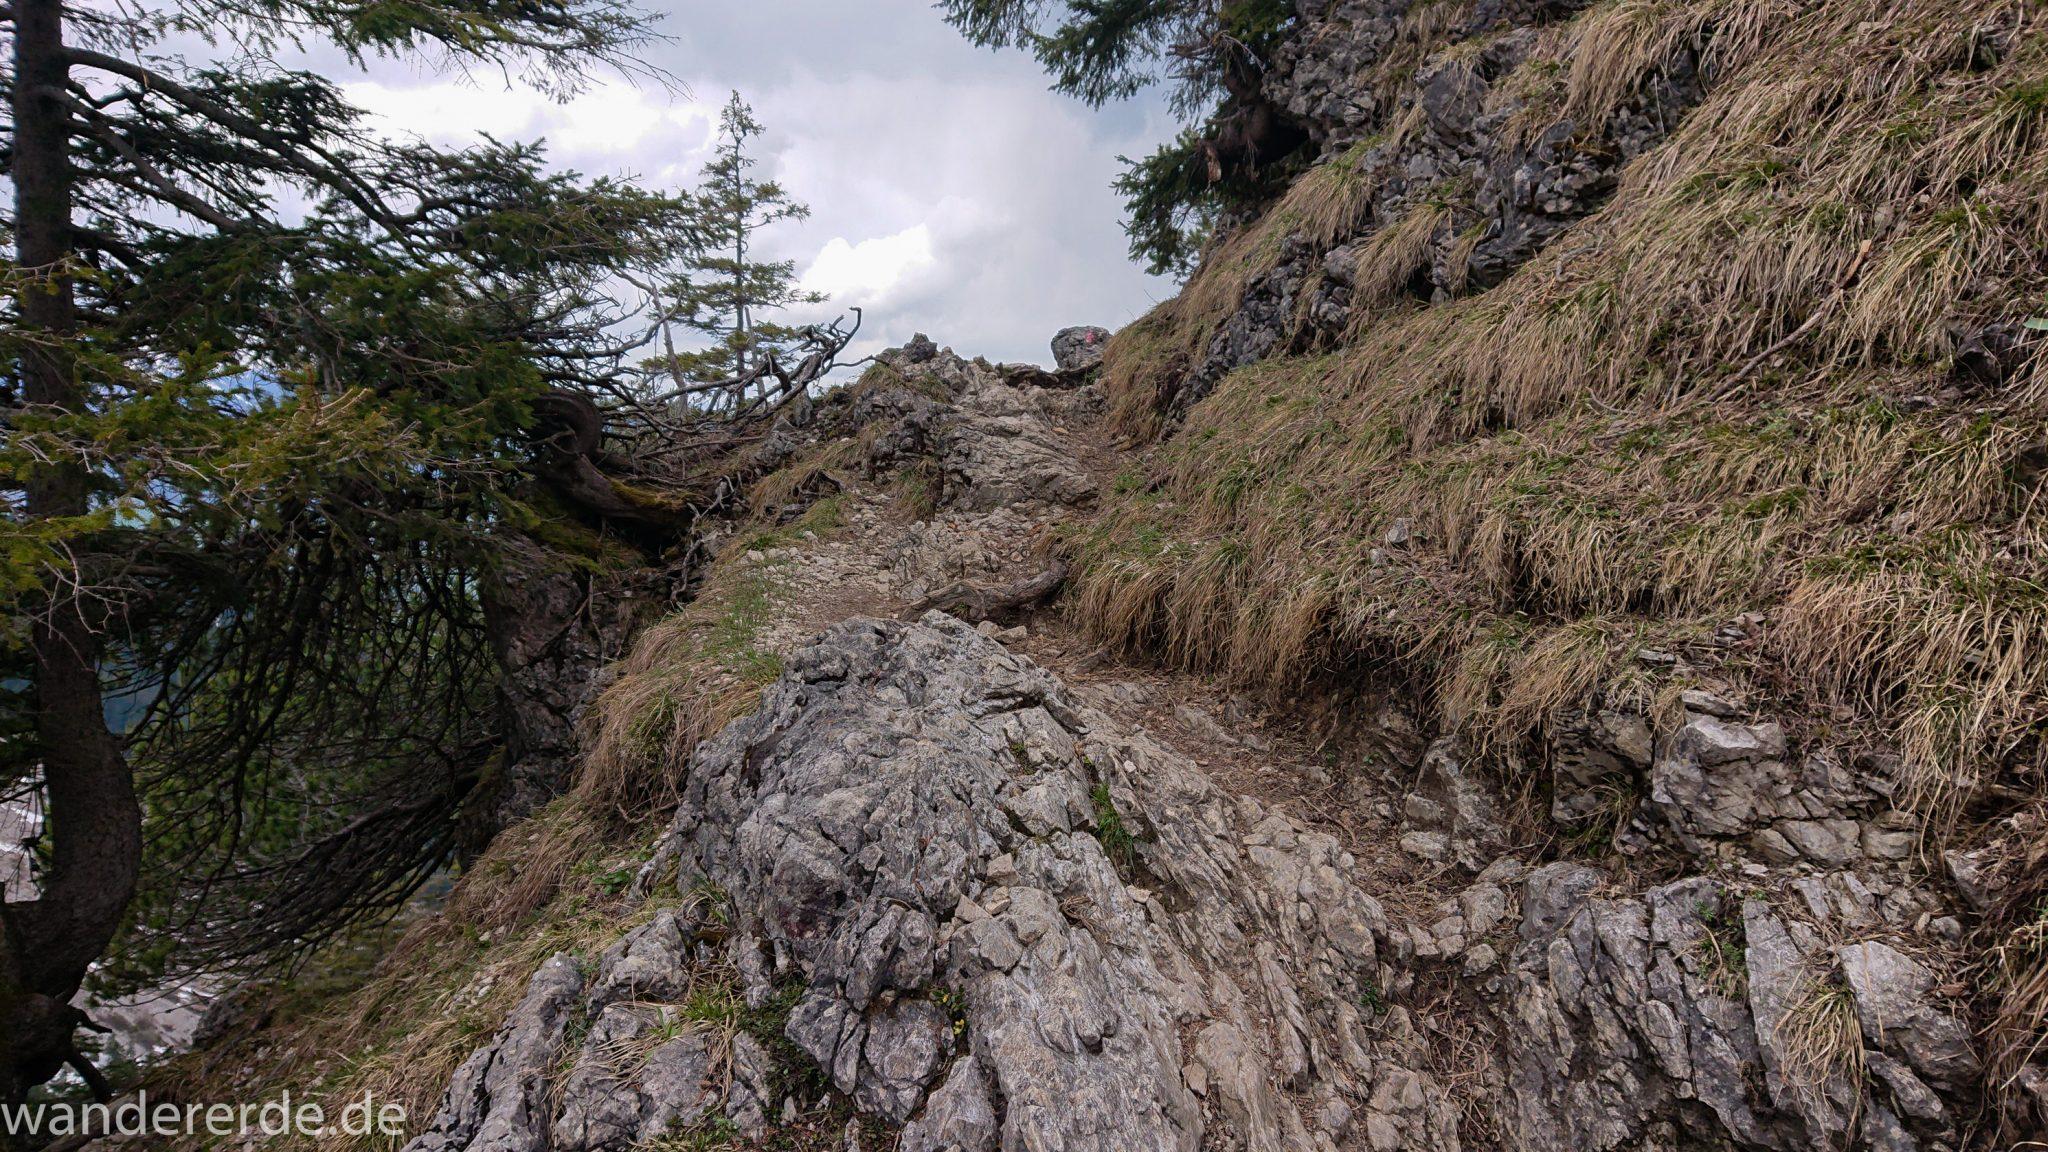 Wanderung Unterer Gaisalpsee, Wanderweg von Oberstdorf im Allgäu, Wanderpfad wird zunehmend schmaler, steil und felsig, teilweise sehr große Schritte notwendig um auf nächsten Fels zu kommen, weniger Bäume